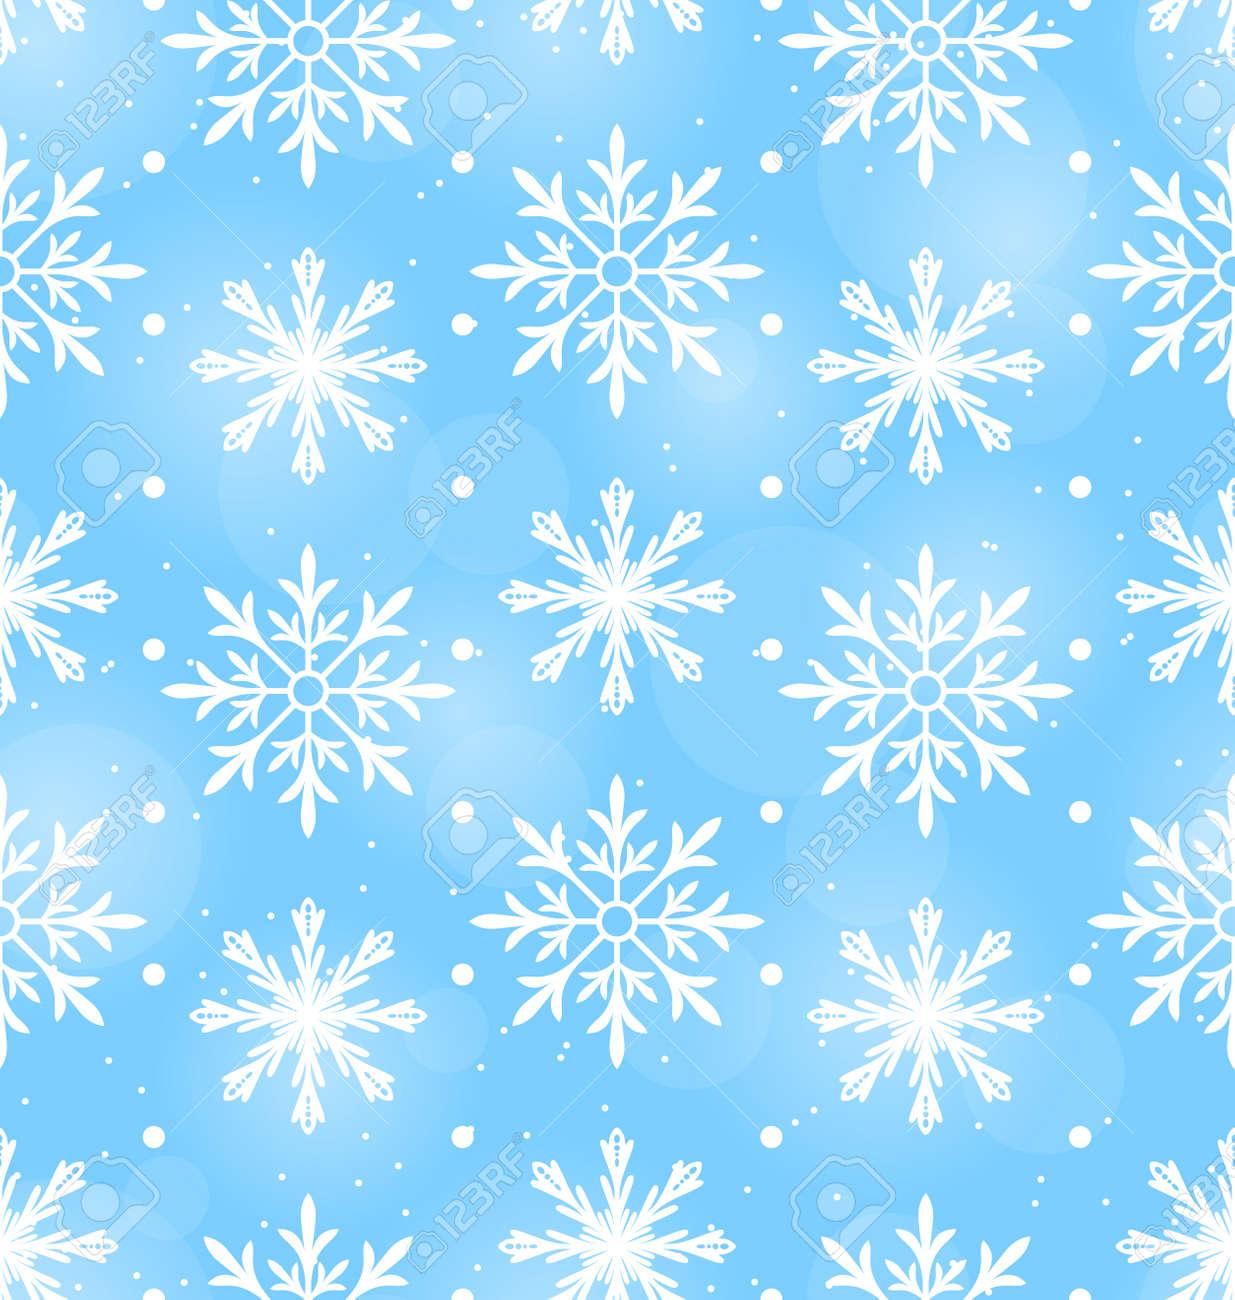 異なる雪の結晶 12 月背景ベクトル イラストのシームレスな壁紙のイラスト素材 ベクタ Image